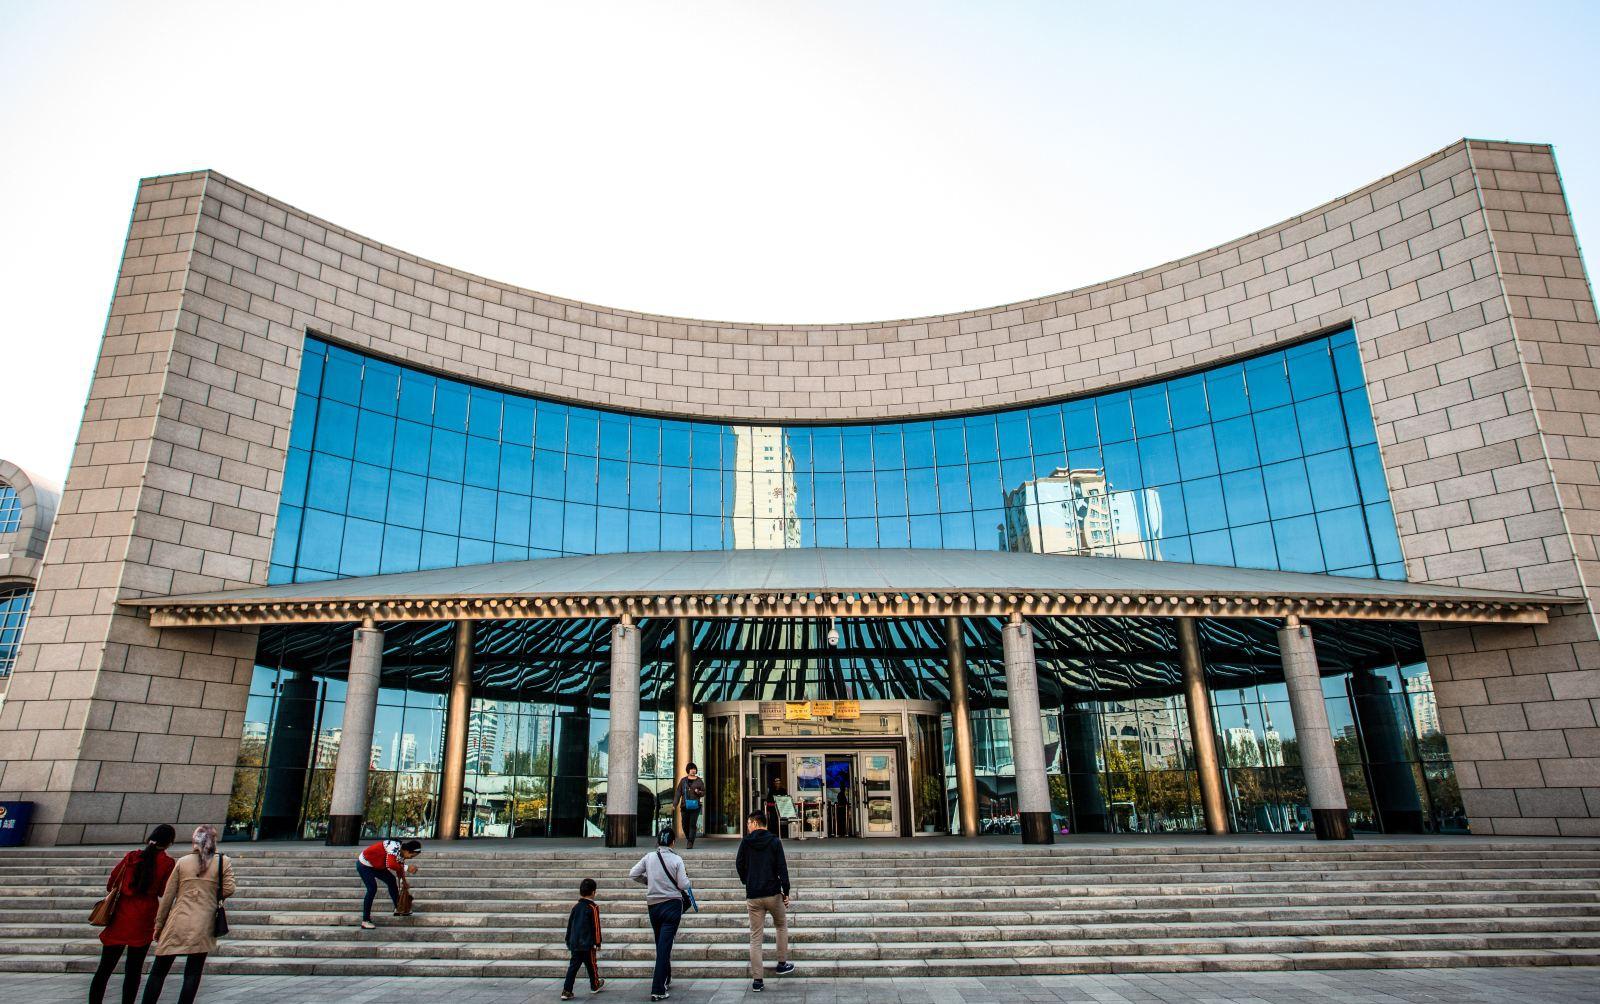 Xinjiang Regional Museum